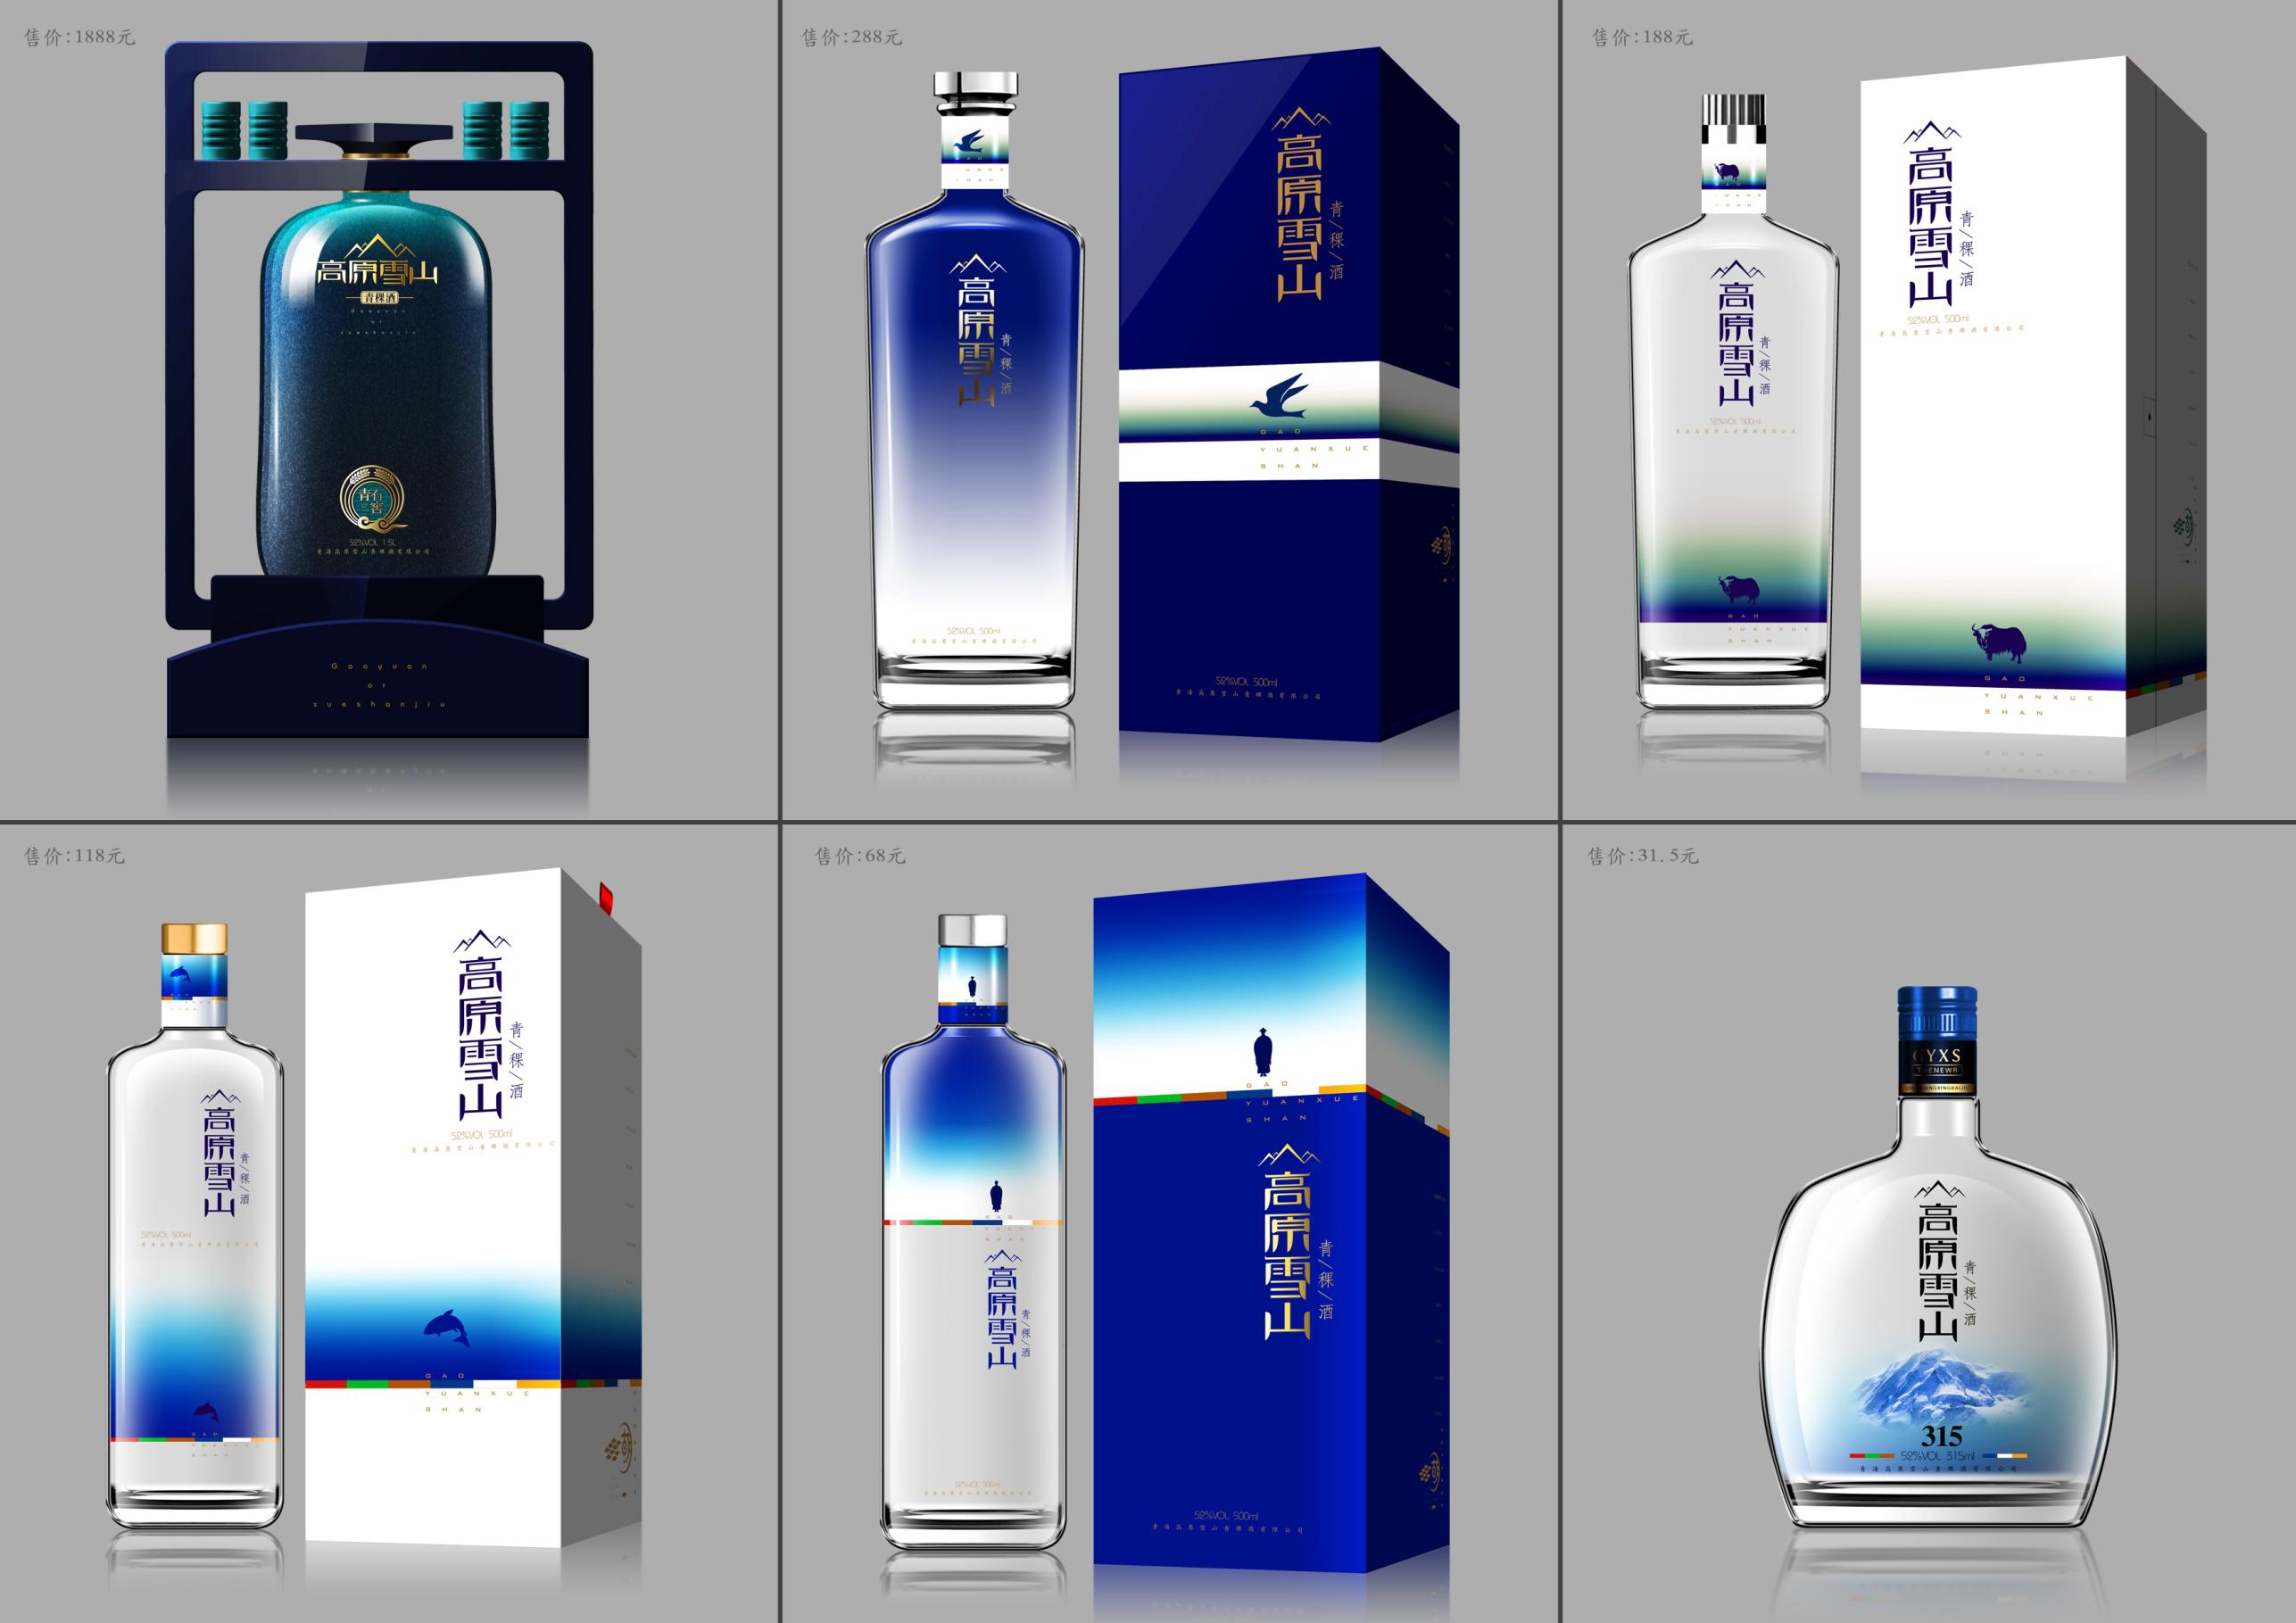 【瓶型设计】包装设计瓶身形状容器形状饮料酒水瓶罐造型3D设计